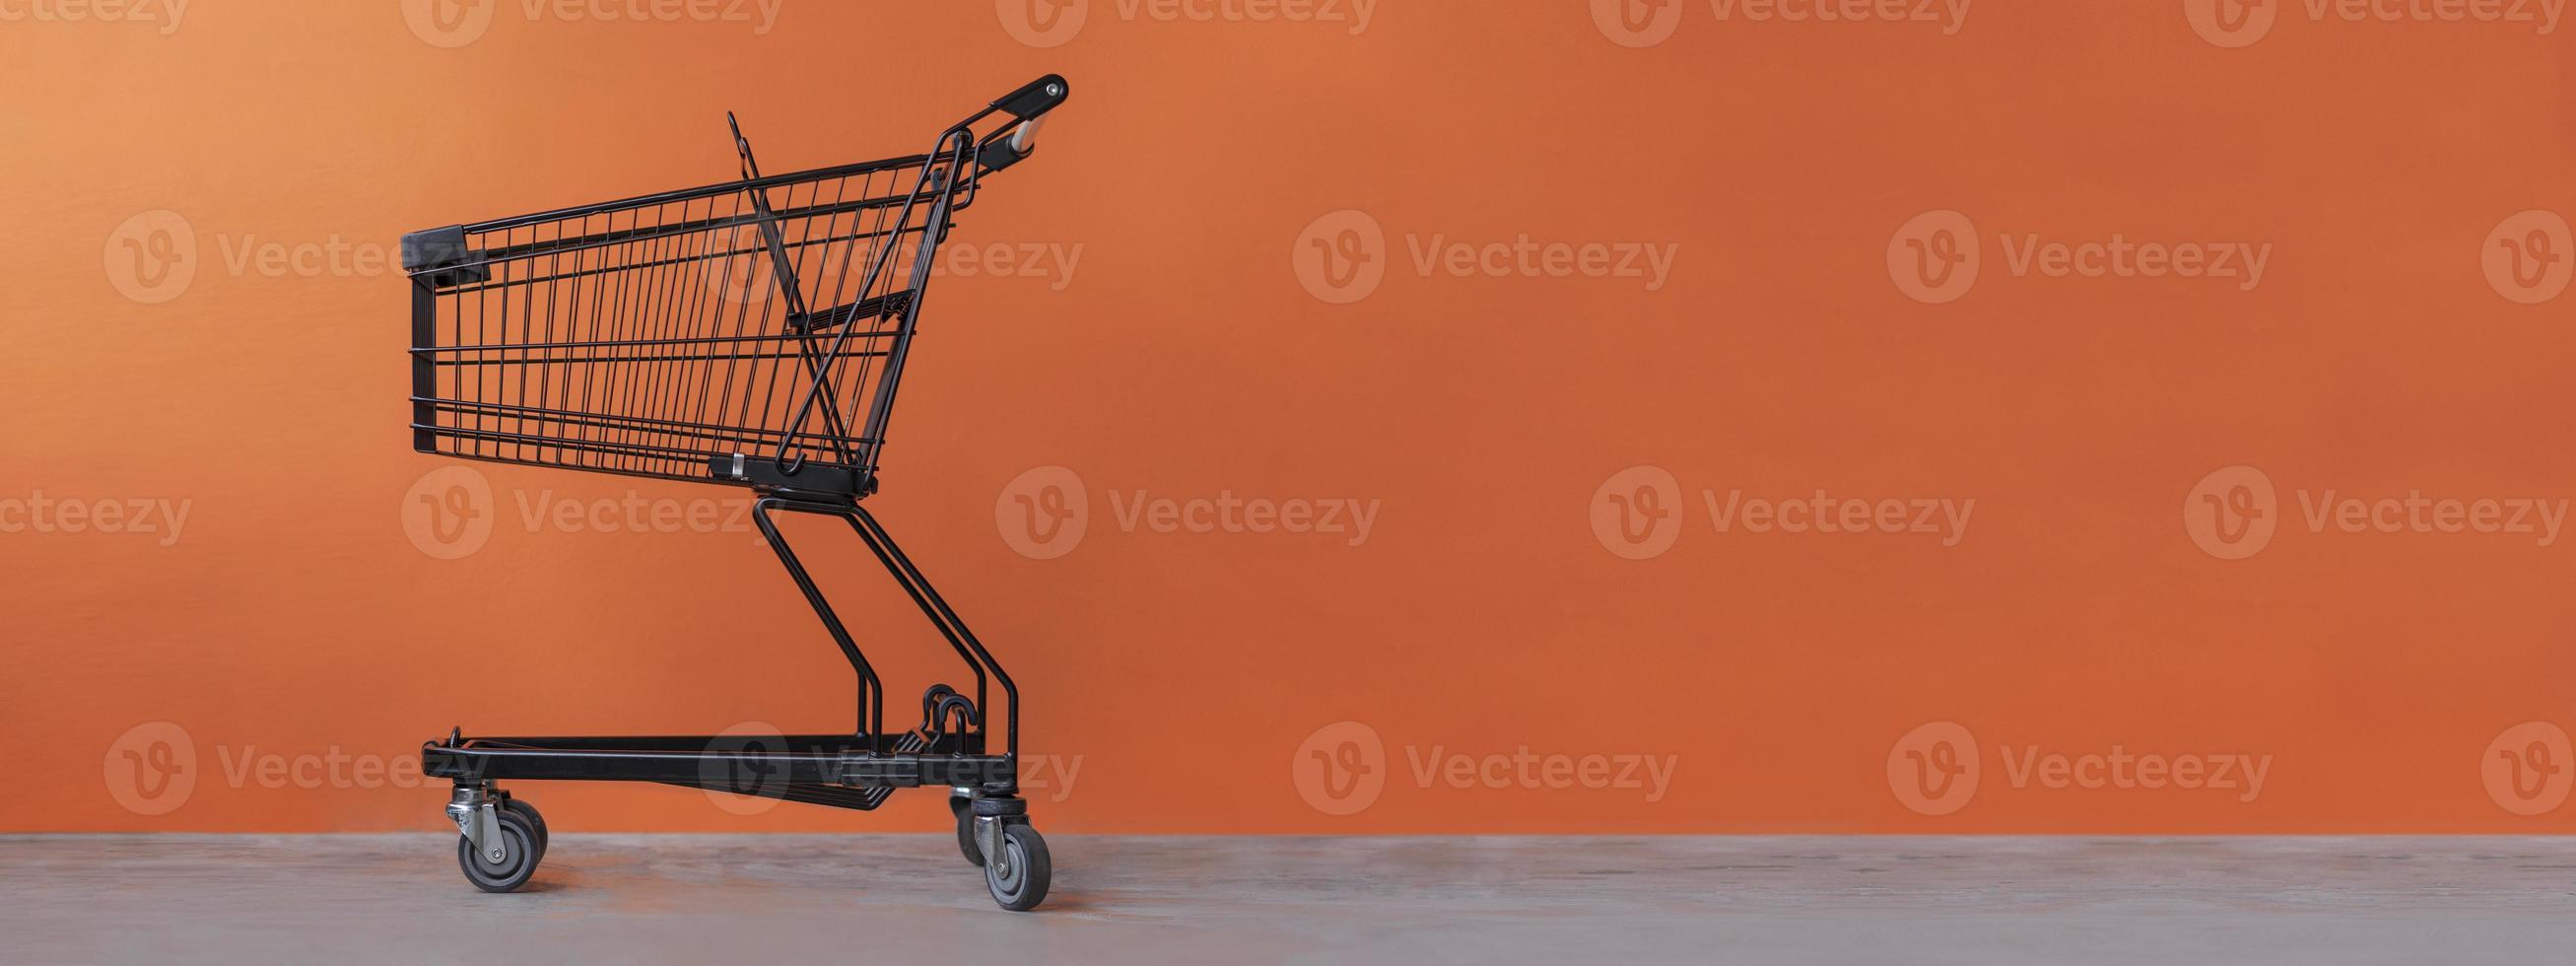 winkelwagentje op een oranje achtergrond foto